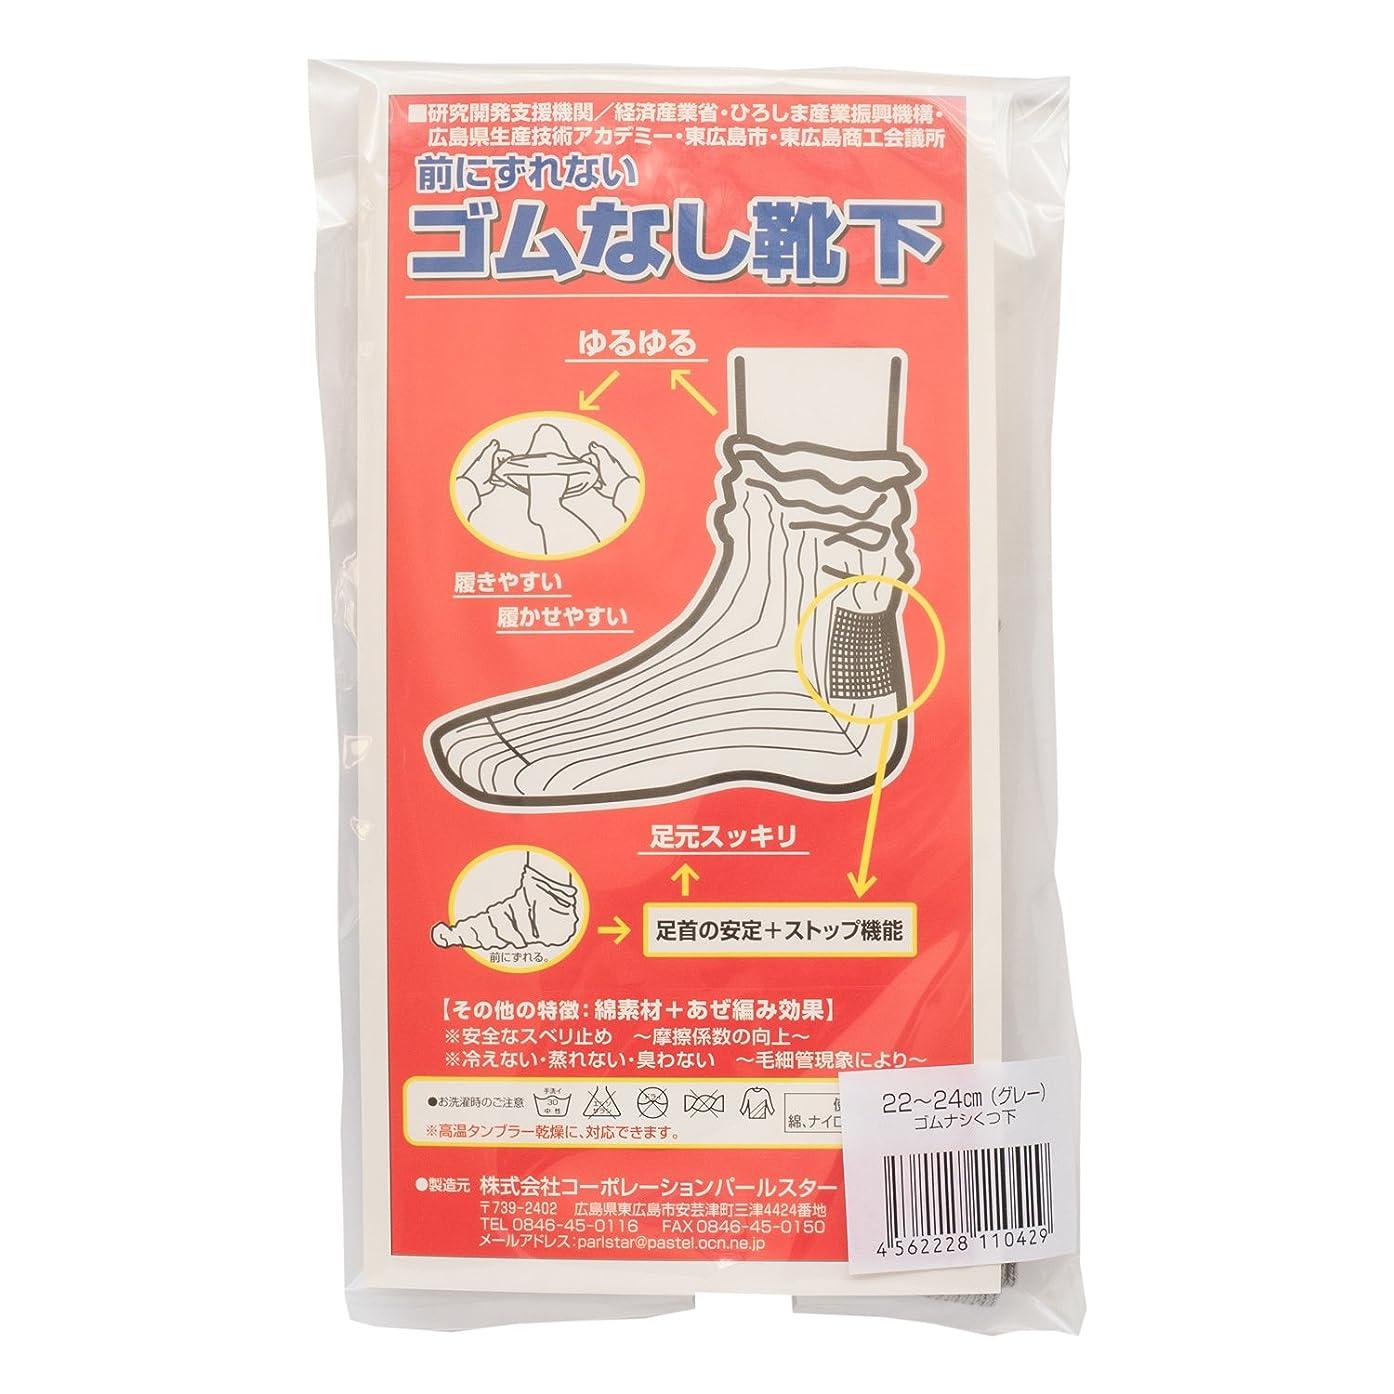 寄託親密な揃えるコーポレーションパールスター 前にずれない ゴムなし靴下 グレー 22~24cm